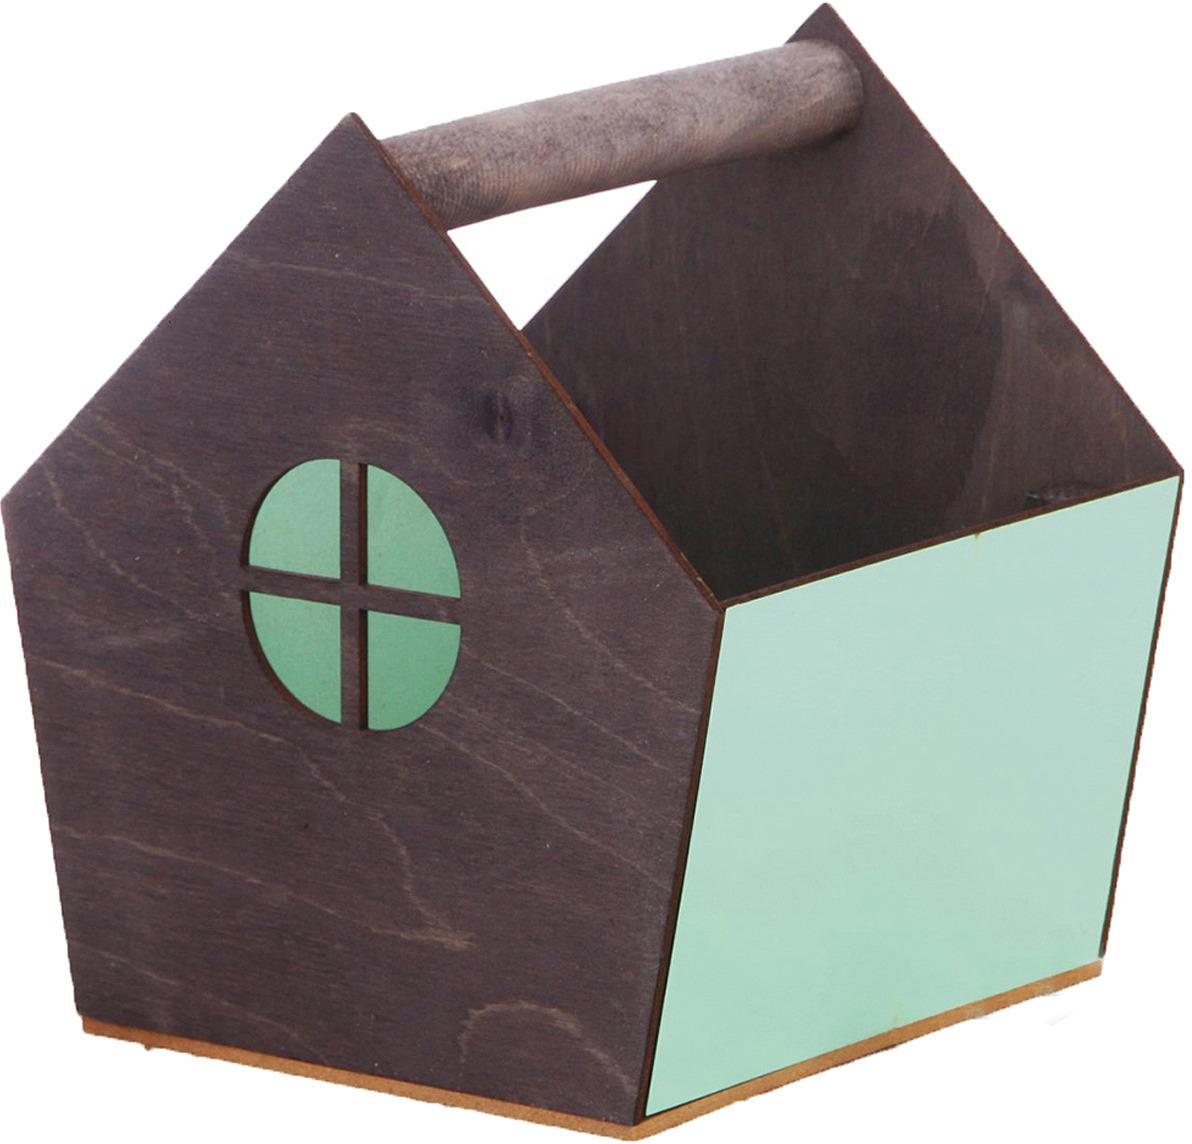 Кашпо садовое Дарите Счастье Ящик-скворечник, 3334623, серый, зеленый, 15 х 16,5 х 18,5 см